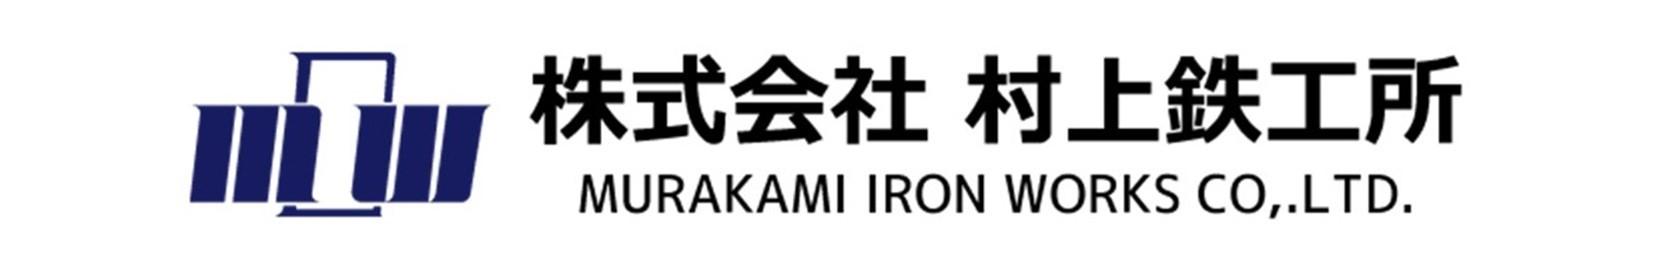 株式会社村上鉄工所